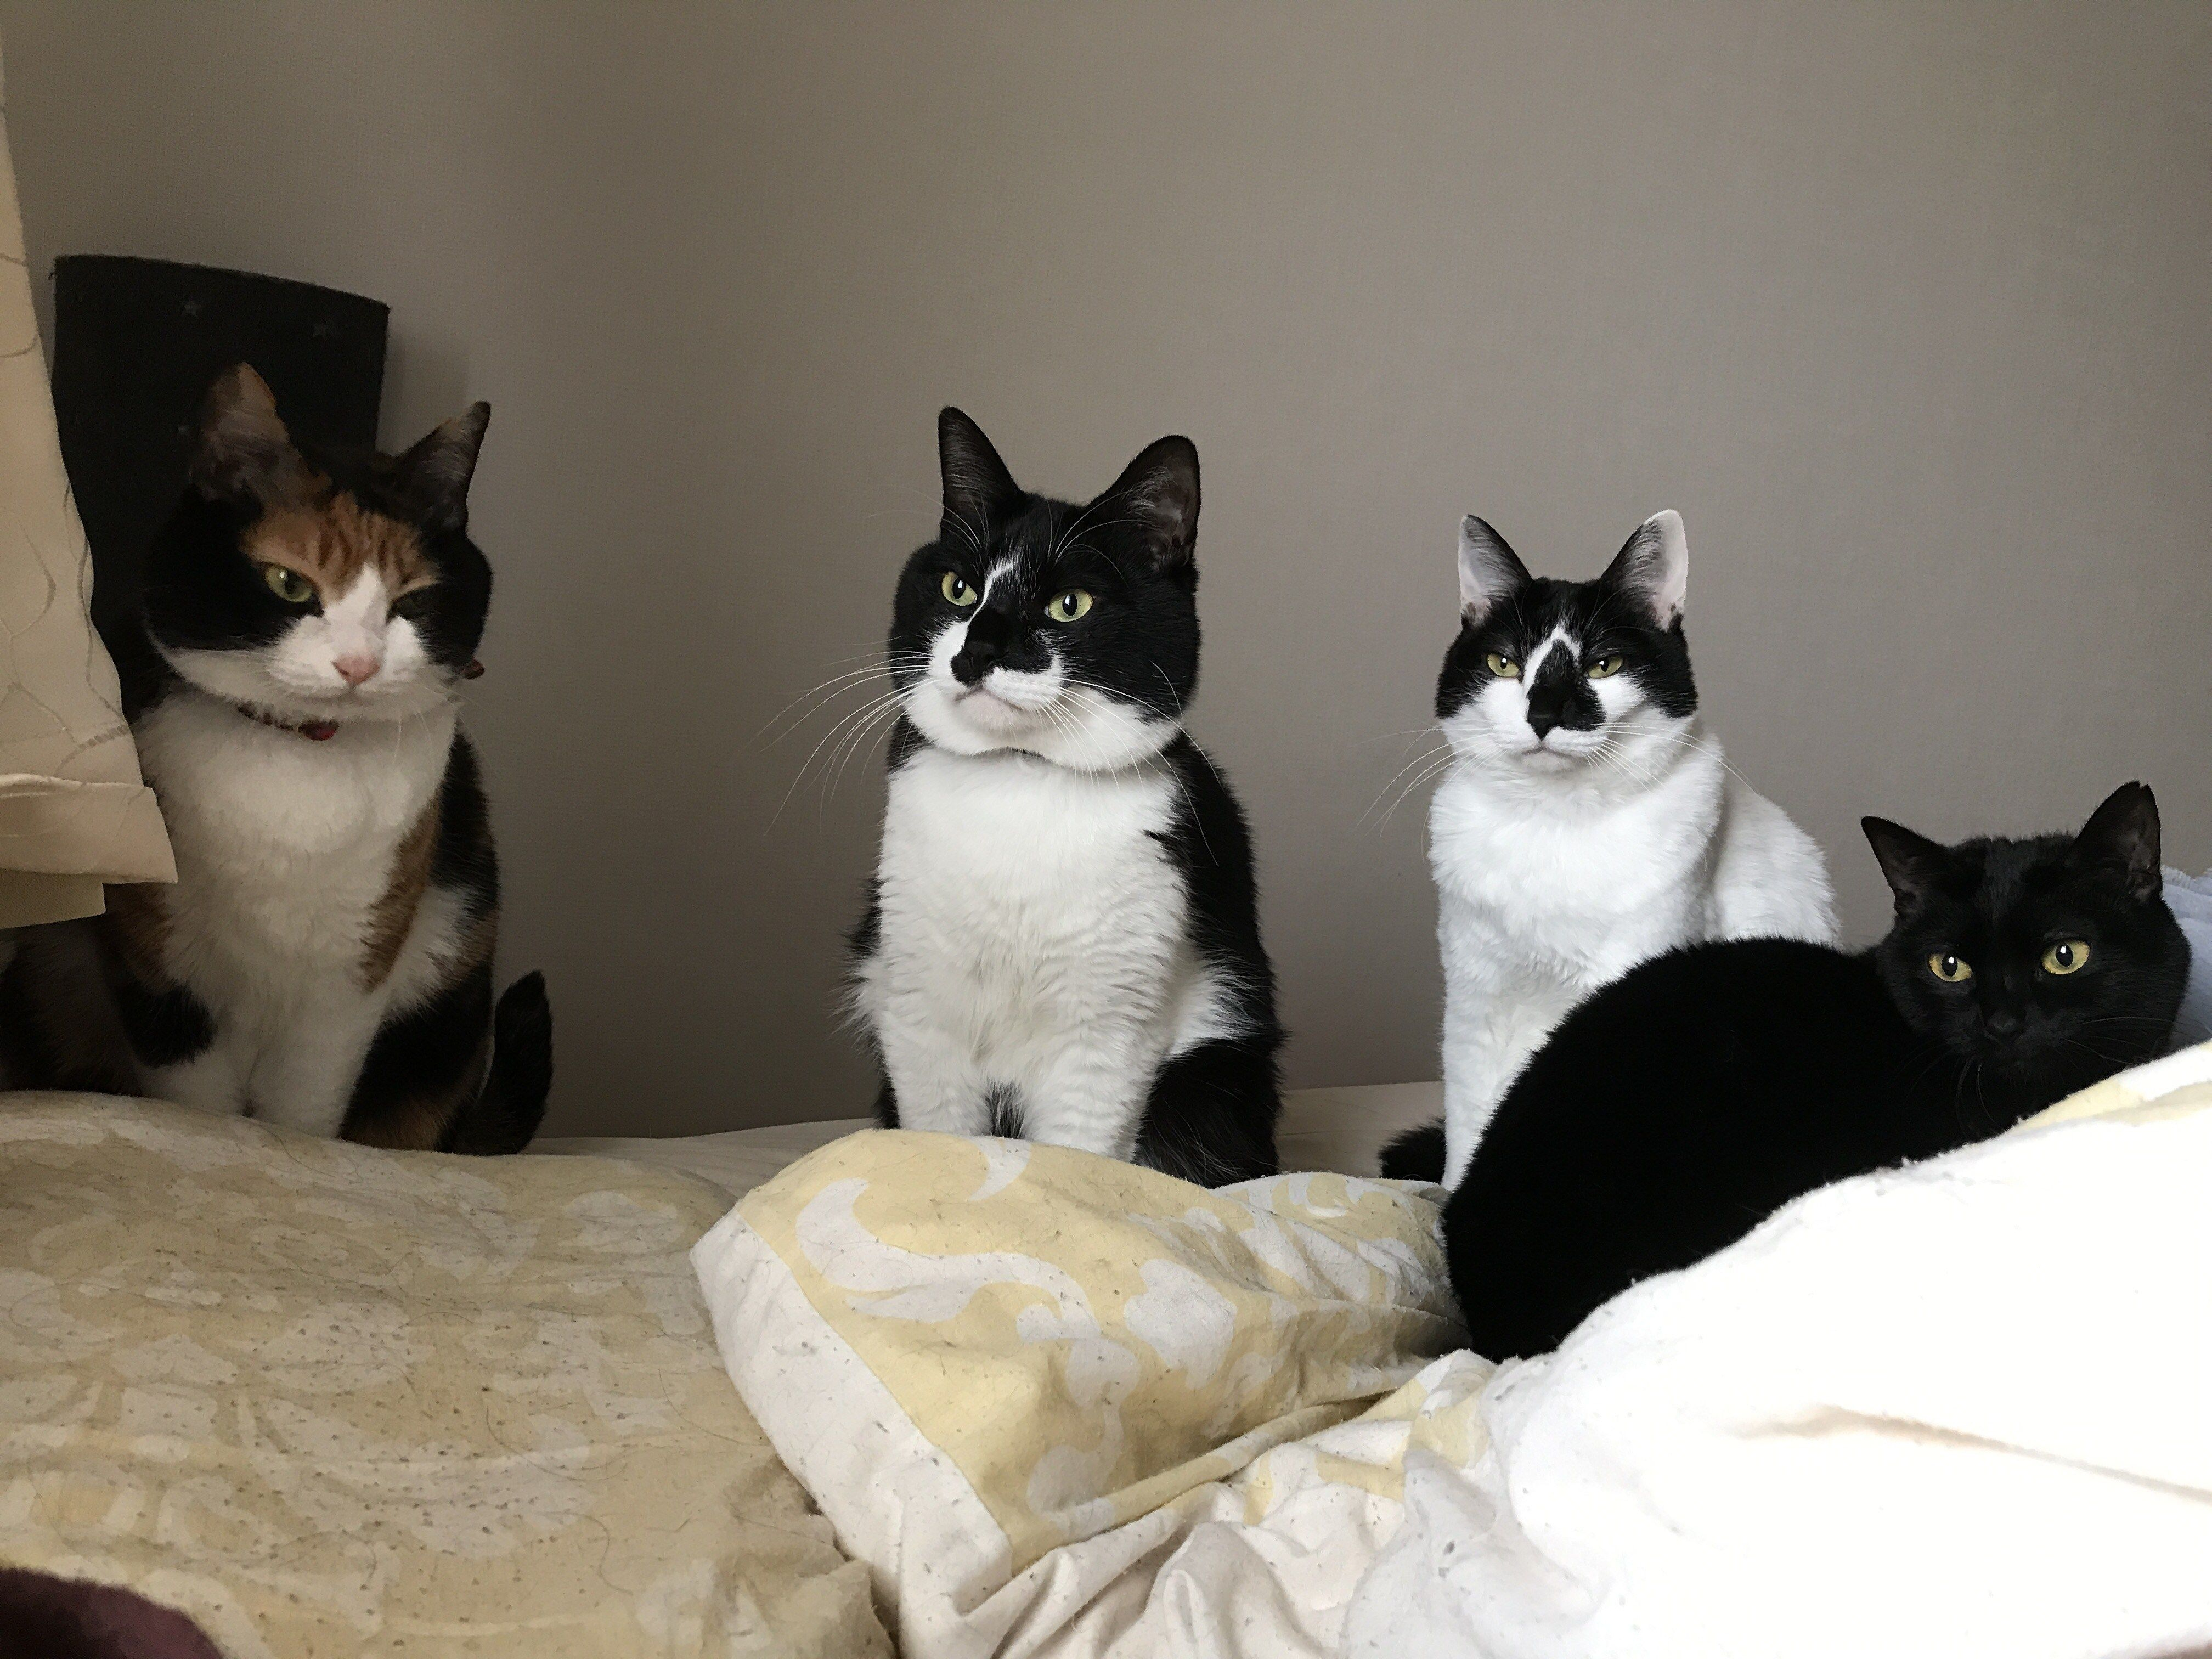 寝坊したら心なしか猫の目が冷ややか 変顔猫リュックと愉快な仲間達 猫 リュック 猫 変顔